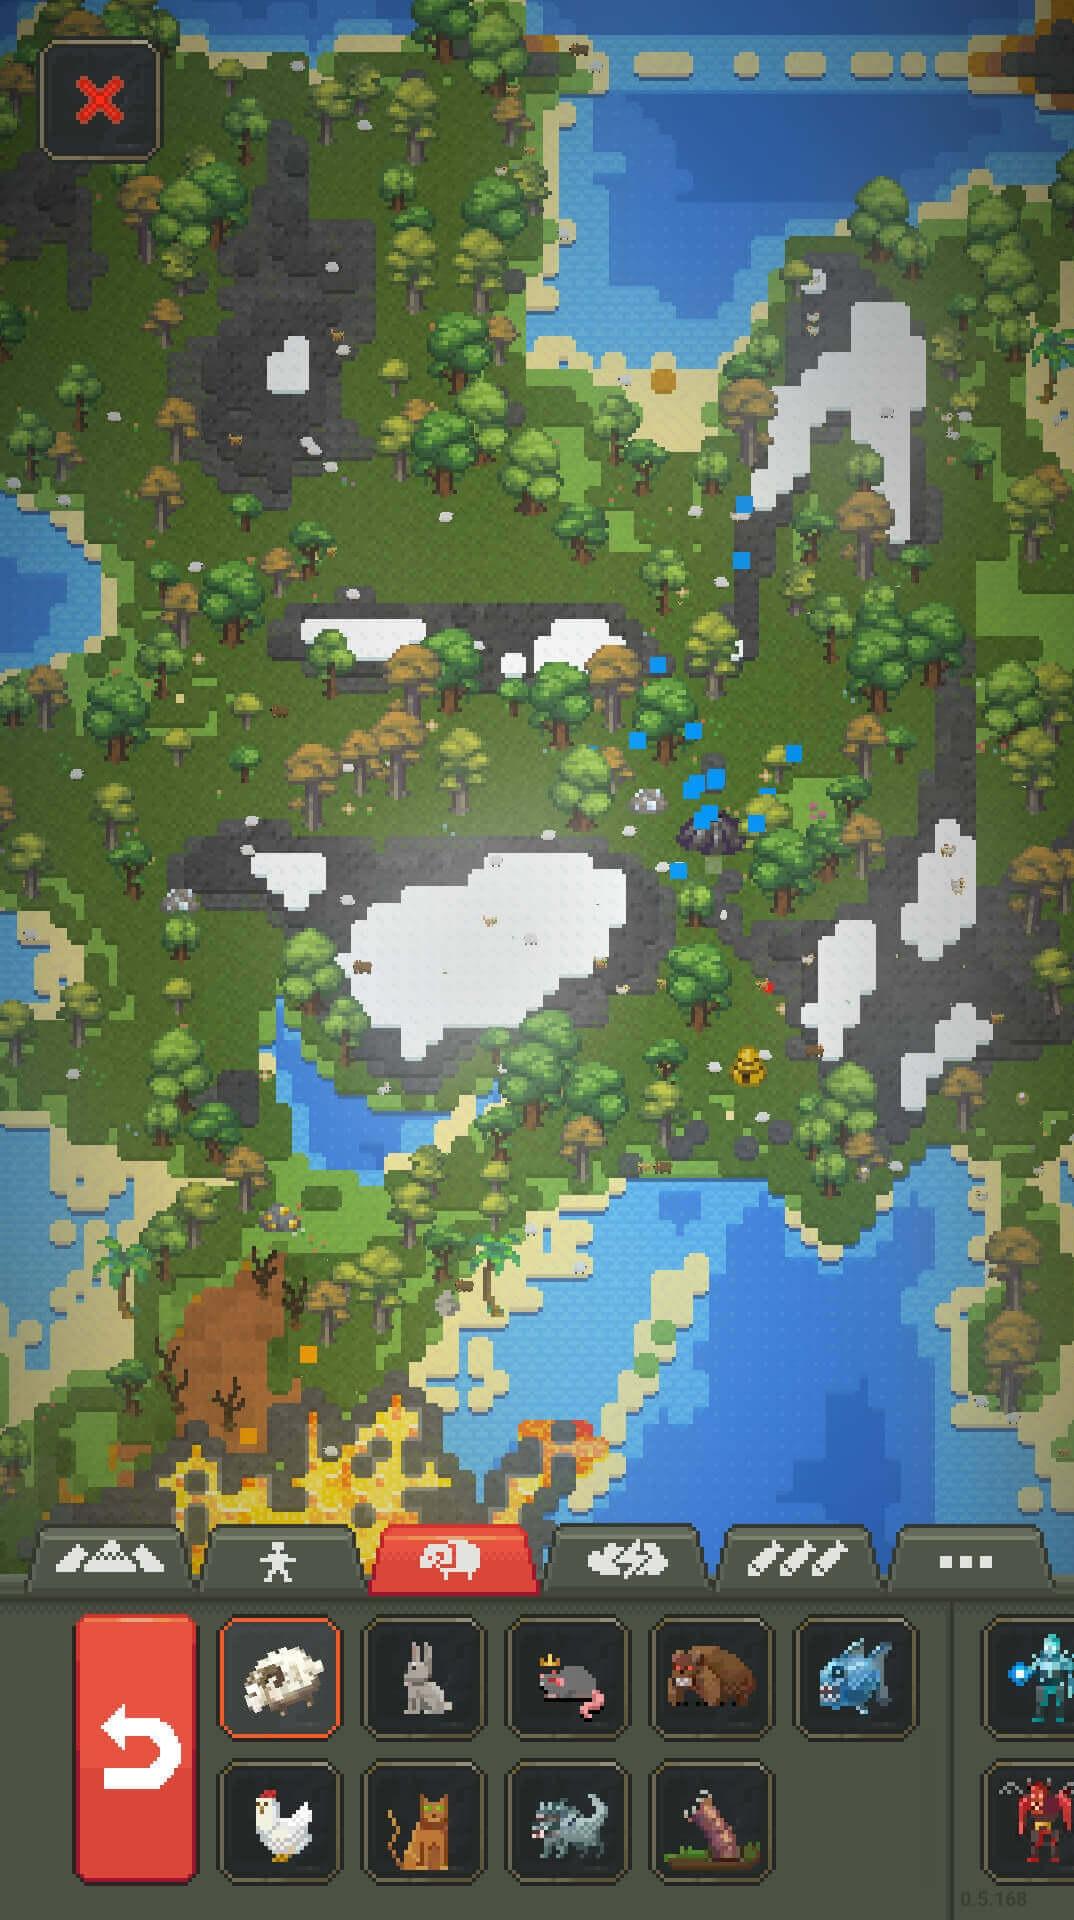 世界盒子截图1